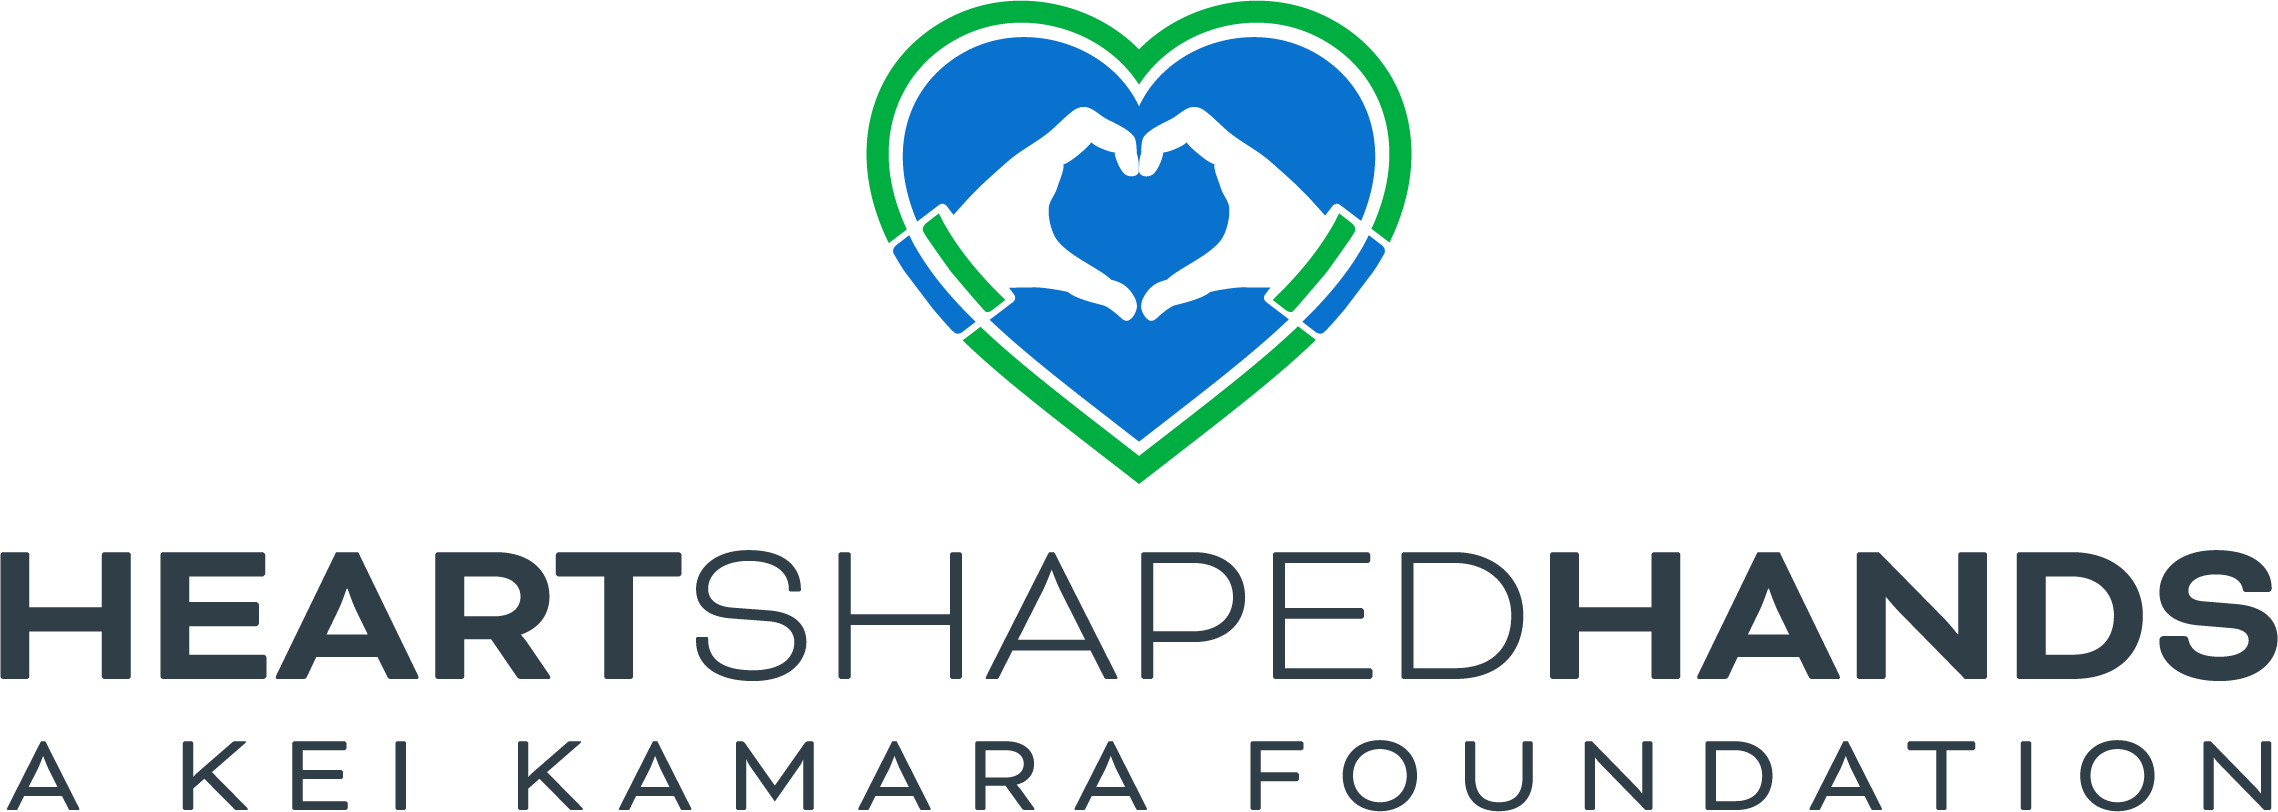 HeartShapedHands Foundation